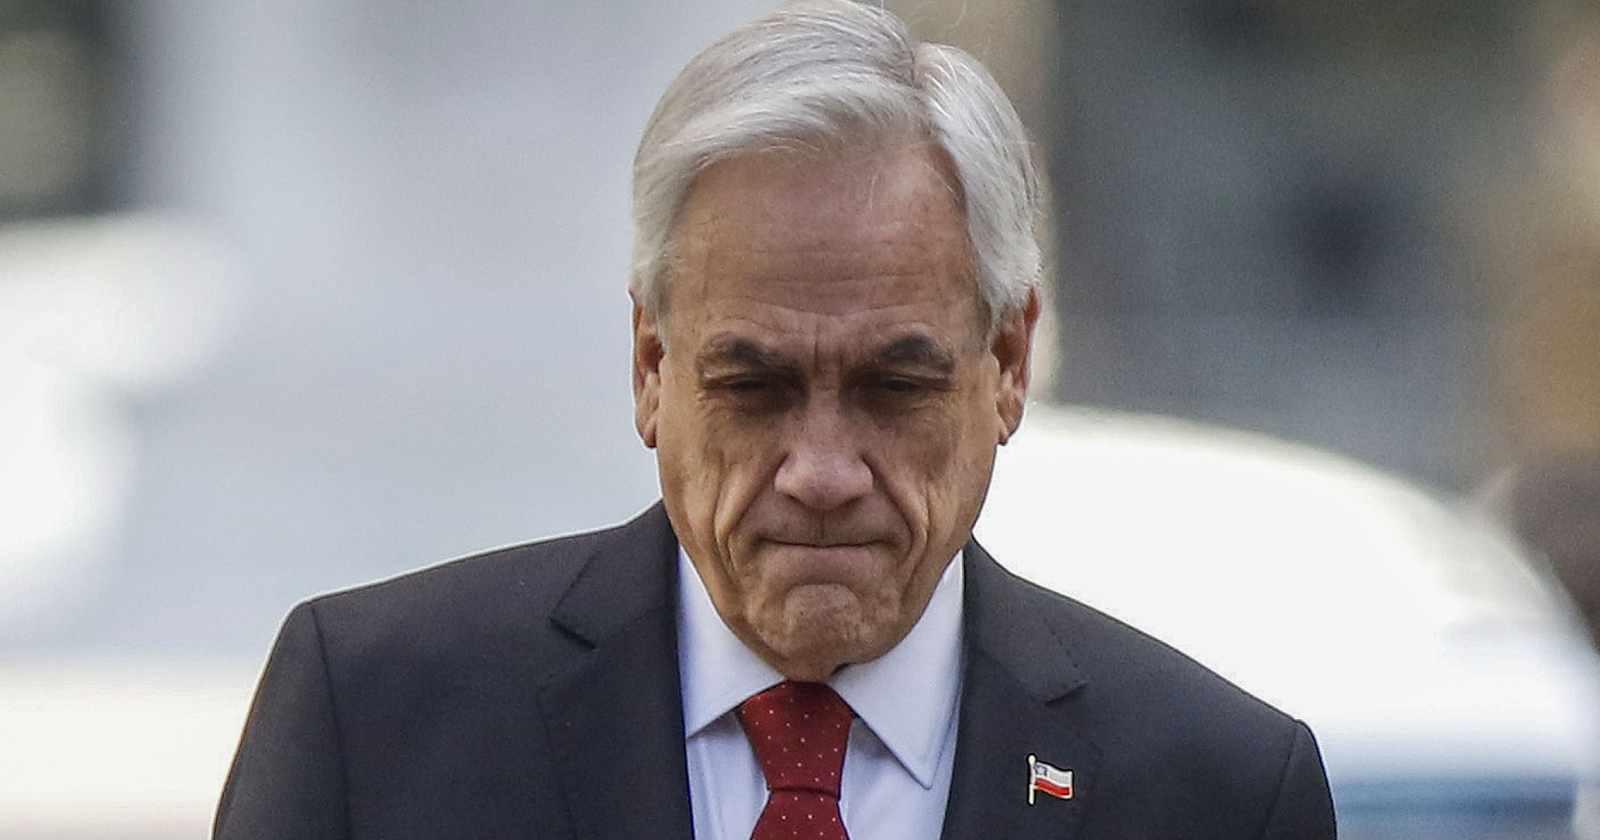 Cadem: aprobación de Piñera cae a 16% y sube desacuerdo con manifestaciones violentas